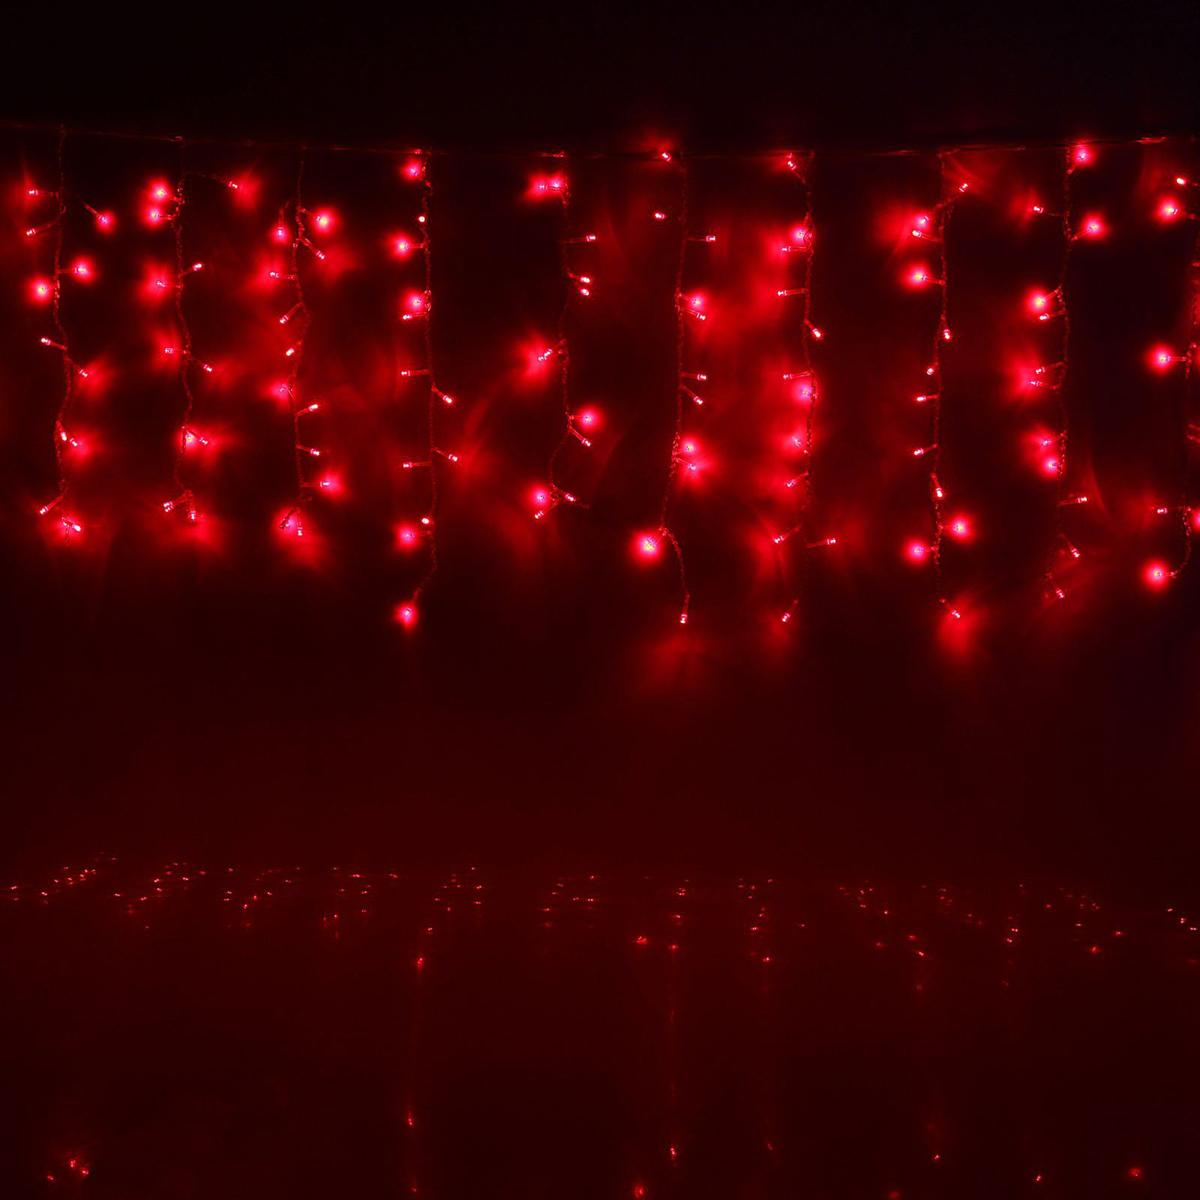 Гирлянда светодиодная Luazon Занавес, цвет: красный, 180 ламп, 8 режимов, 220 V, 1,5 х 1 м. 10804551080455Светодиодные гирлянды и ленты — это отличный вариант для новогоднего оформления интерьера или фасада. С их помощью помещение любого размера можно превратить в праздничный зал, а внешние элементы зданий, украшенные ими, мгновенно станут напоминать очертания сказочного дворца. Такие украшения создают ауру предвкушения чуда. Деревья, фасады, витрины, окна и арки будто специально созданы, чтобы вы украсили их светящимися нитями.